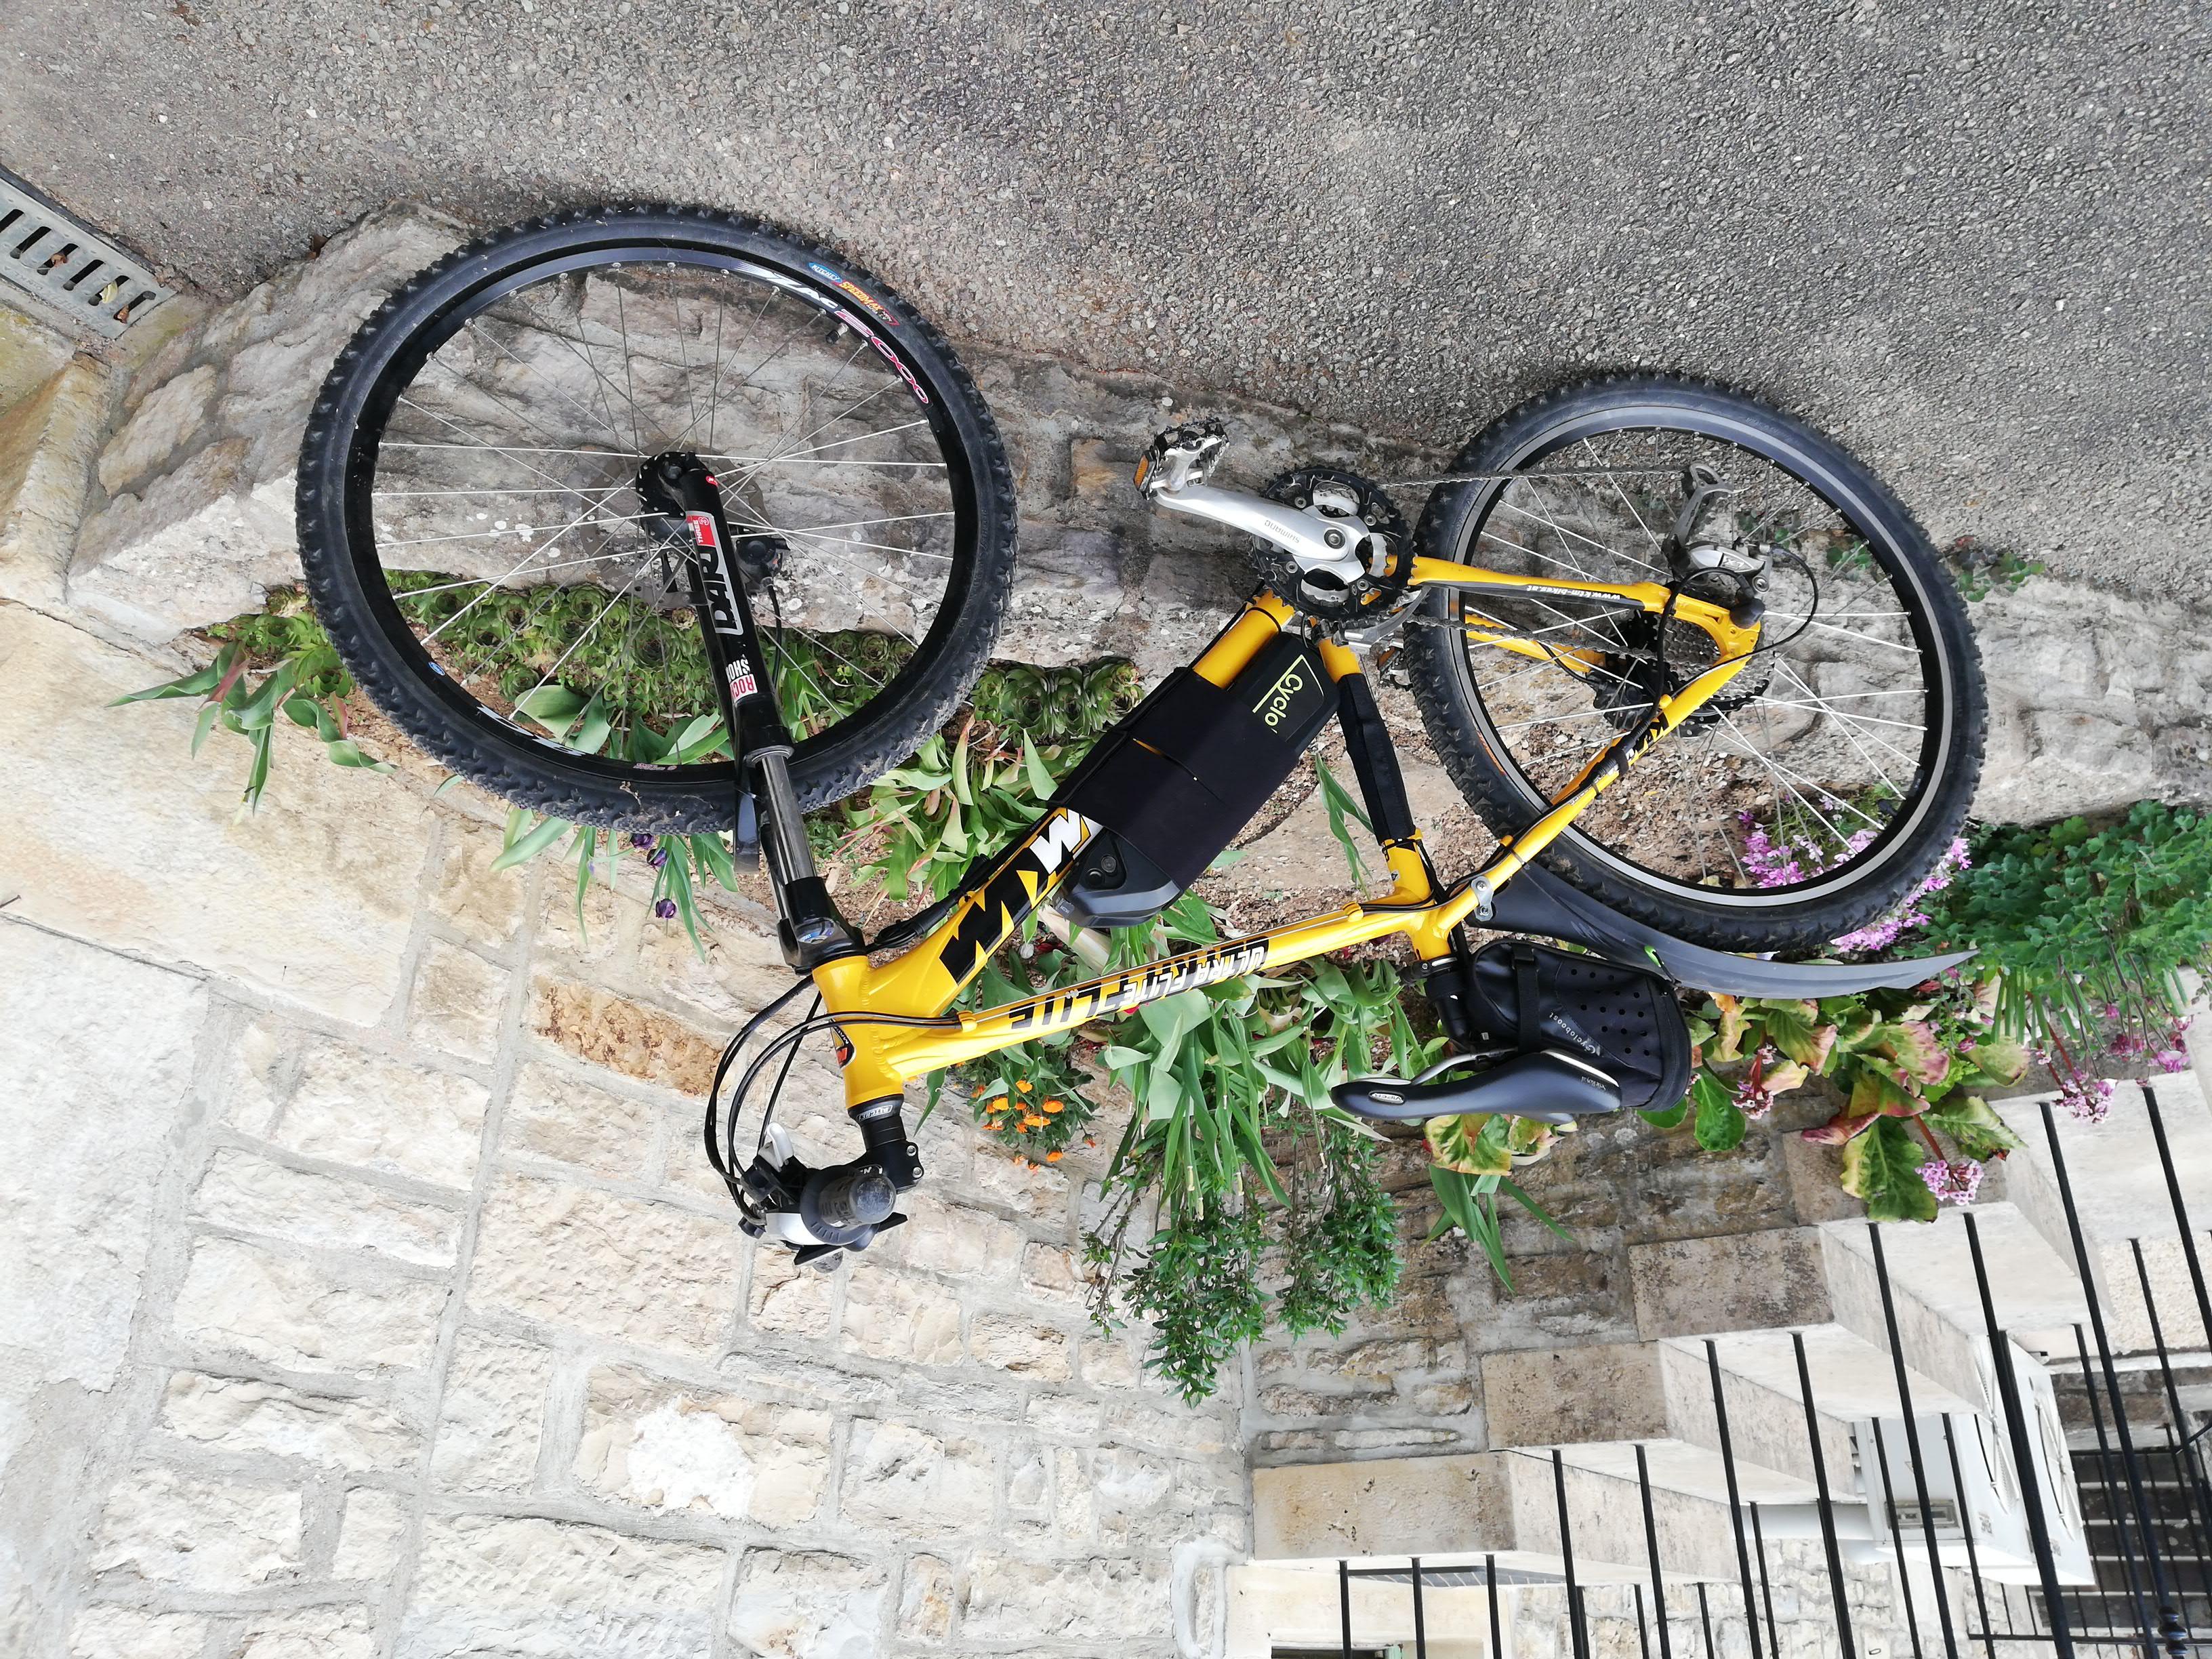 vélo ktm electrique